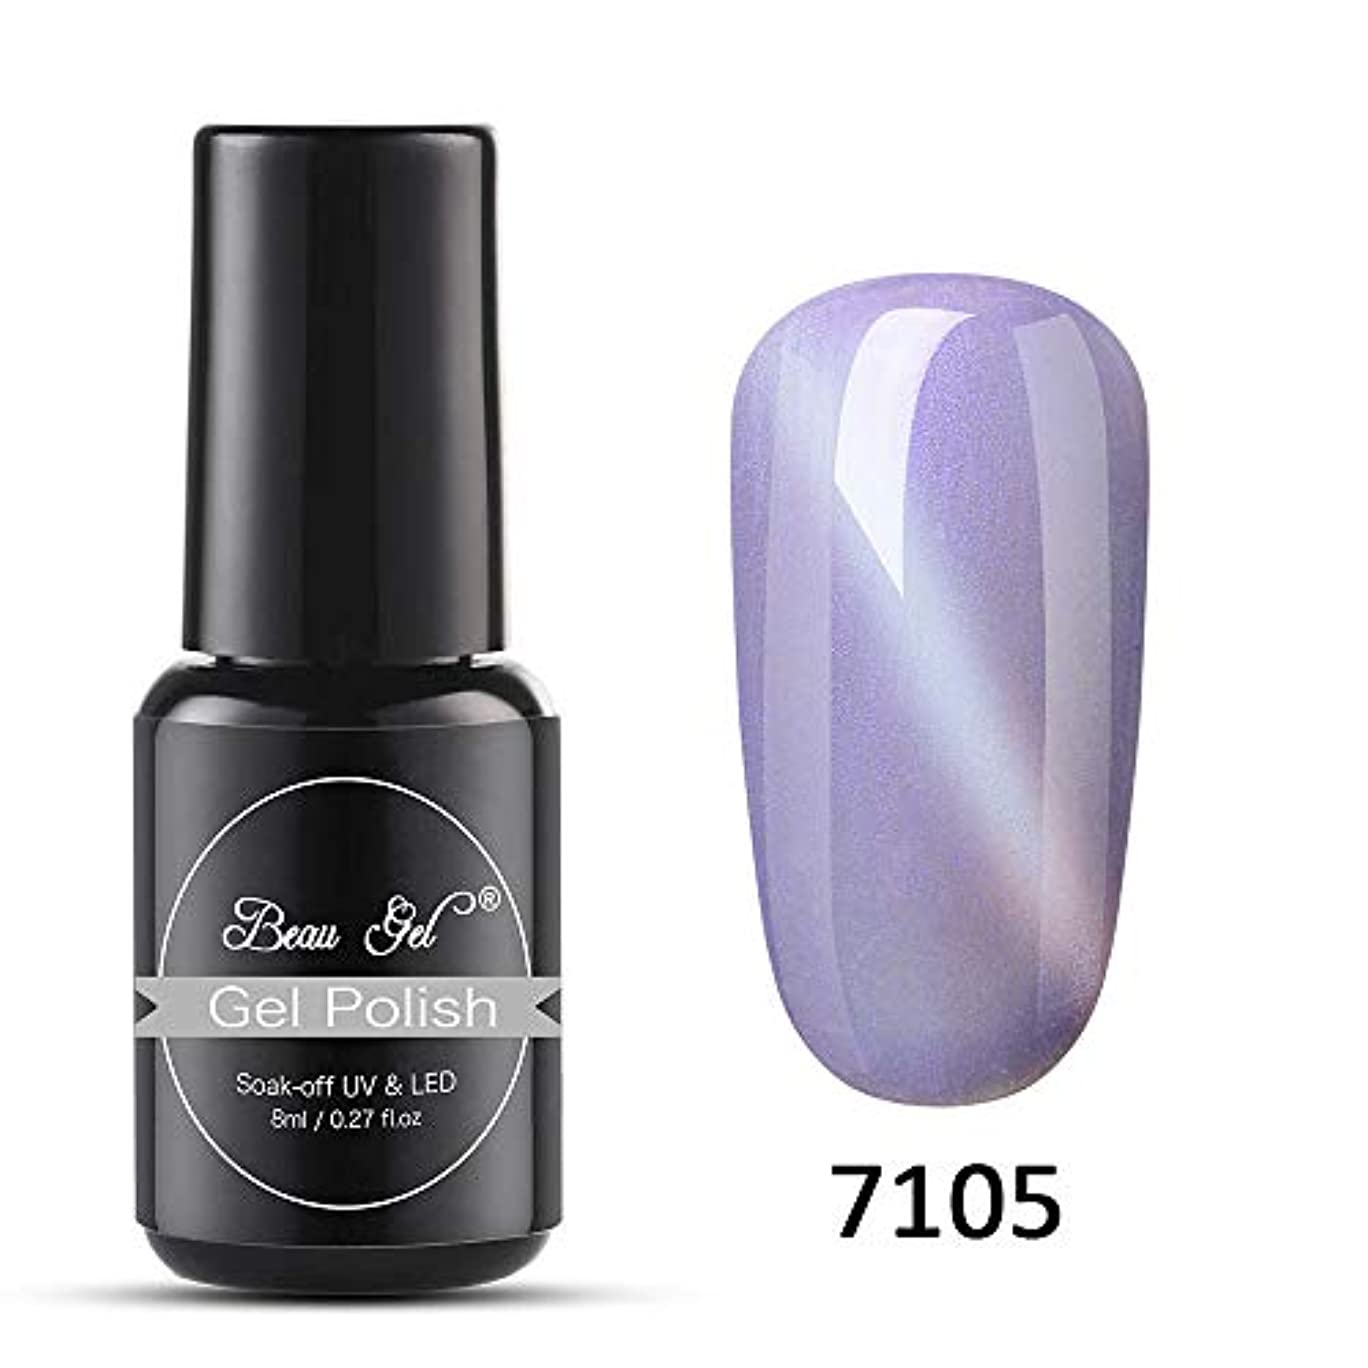 大きさ虚弱合体Beau gel ジェルネイル カラージェル 貝殻猫目系 猫目ジェル 貝殻猫目 模様を作れる 1色入り 8ml-7105